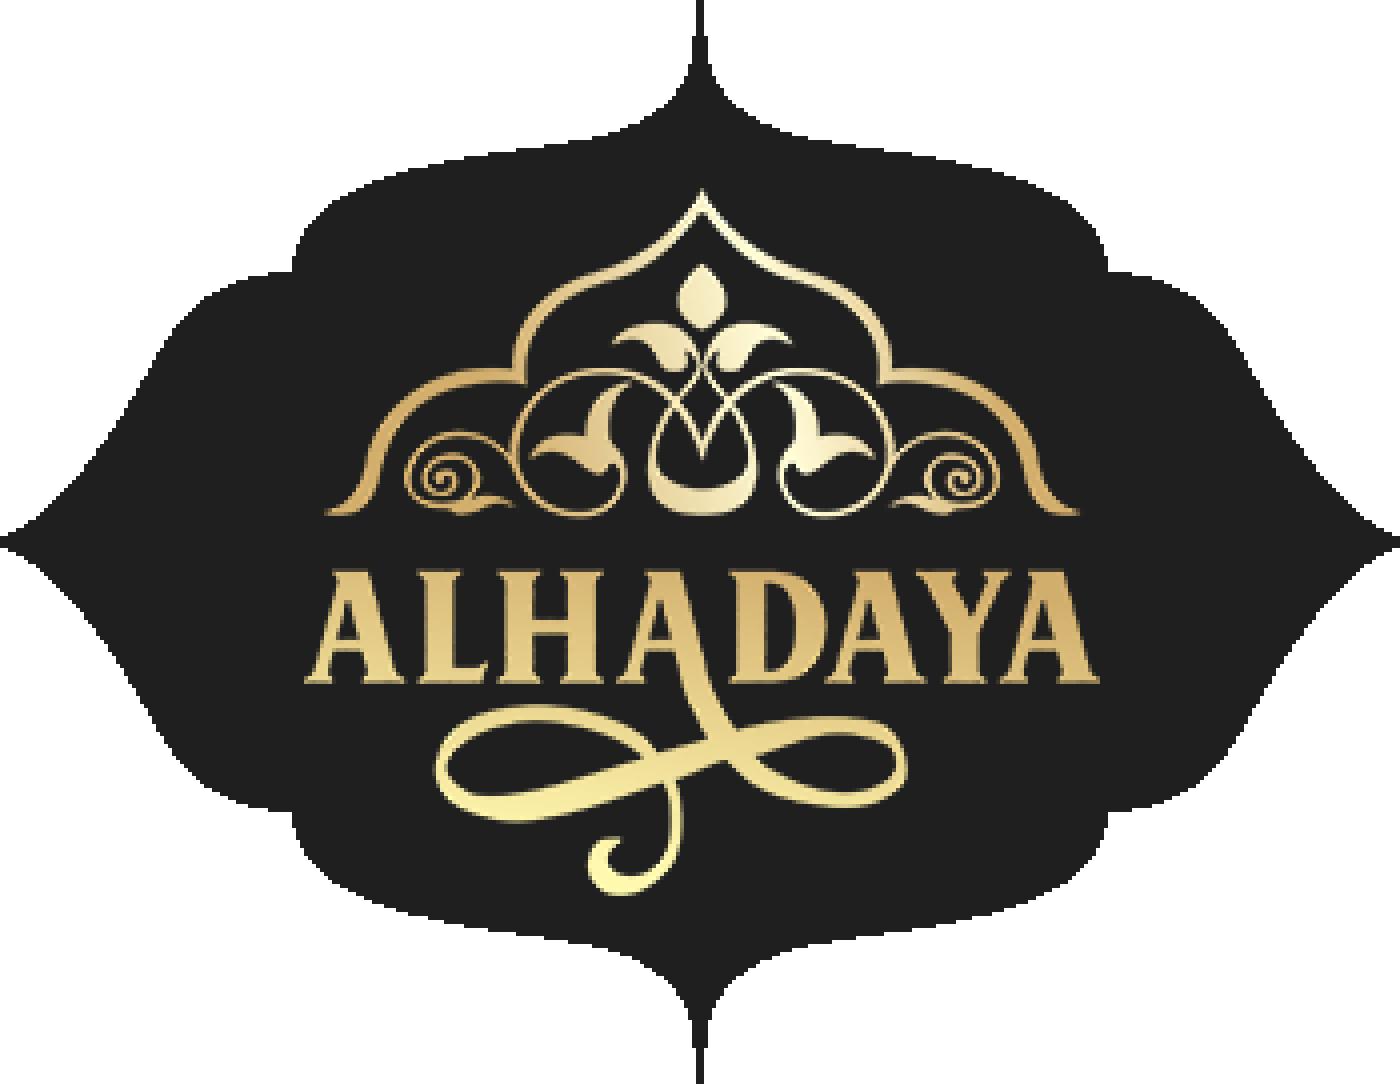 ALHADAYA